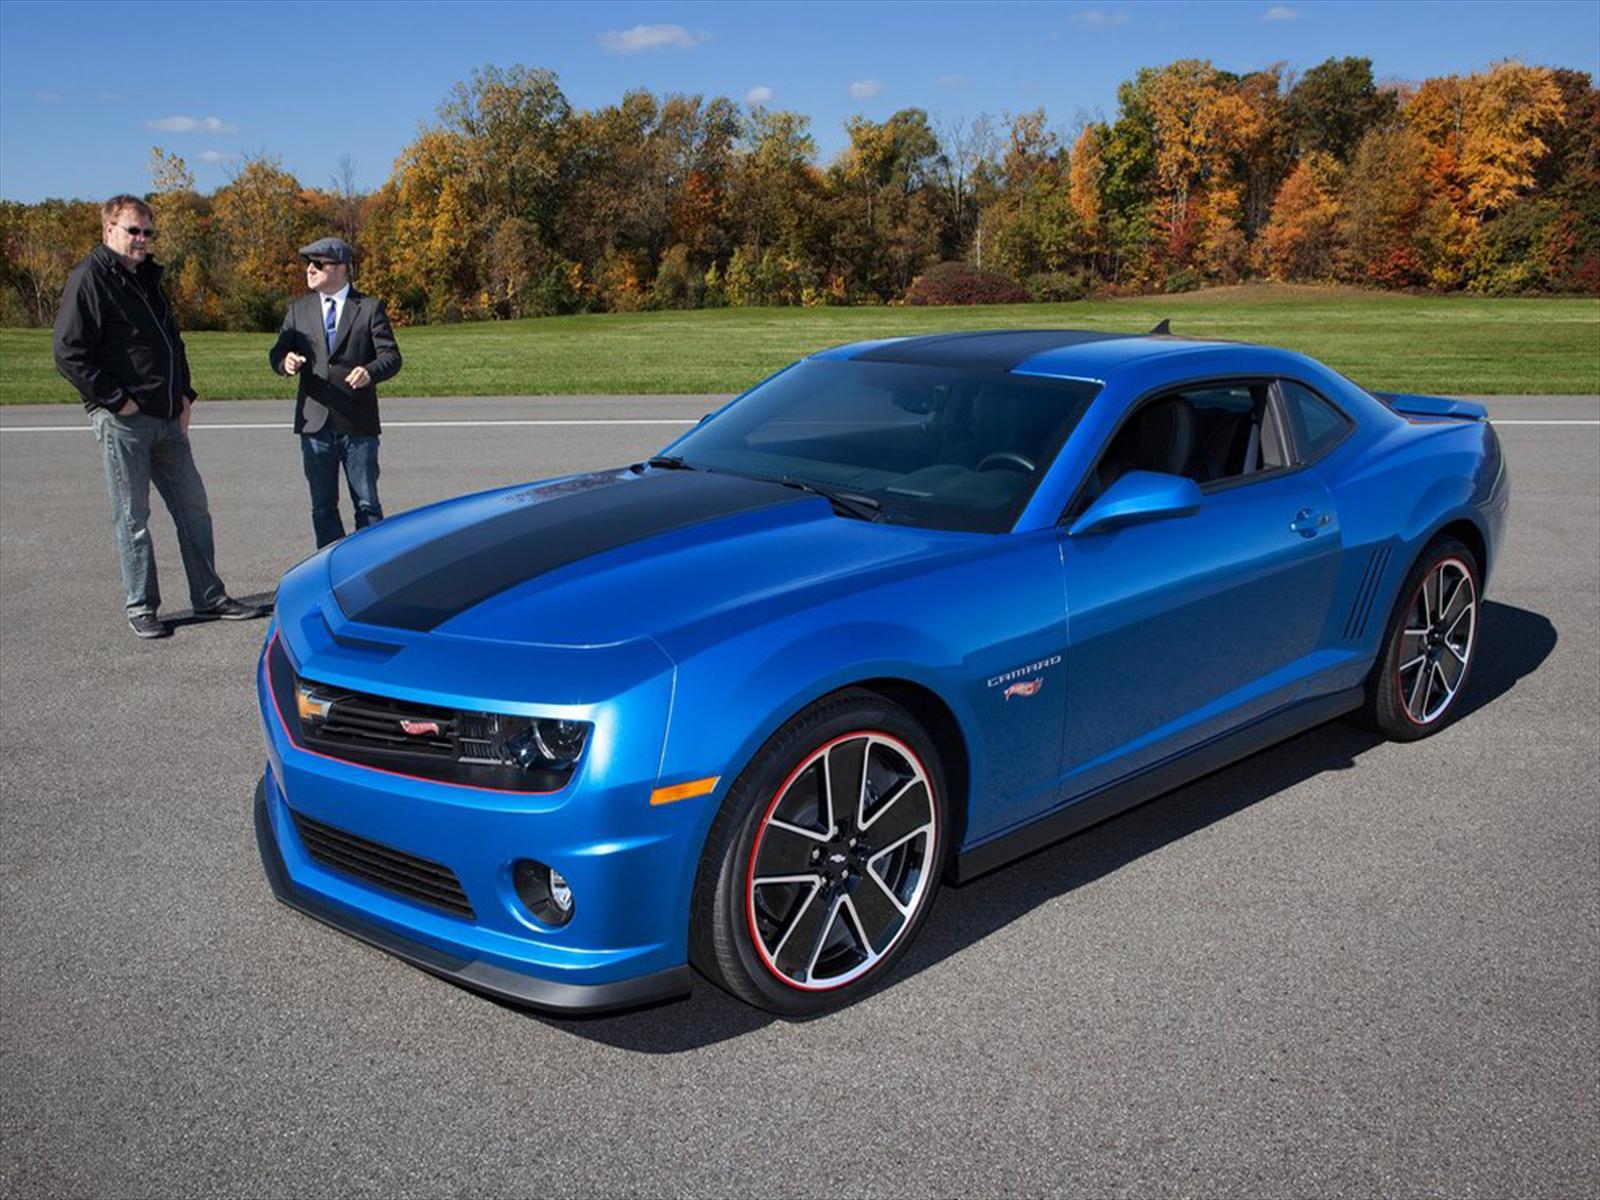 Chevrolet Camaro Hot Wheels Edition 2013 Autocosmos Com